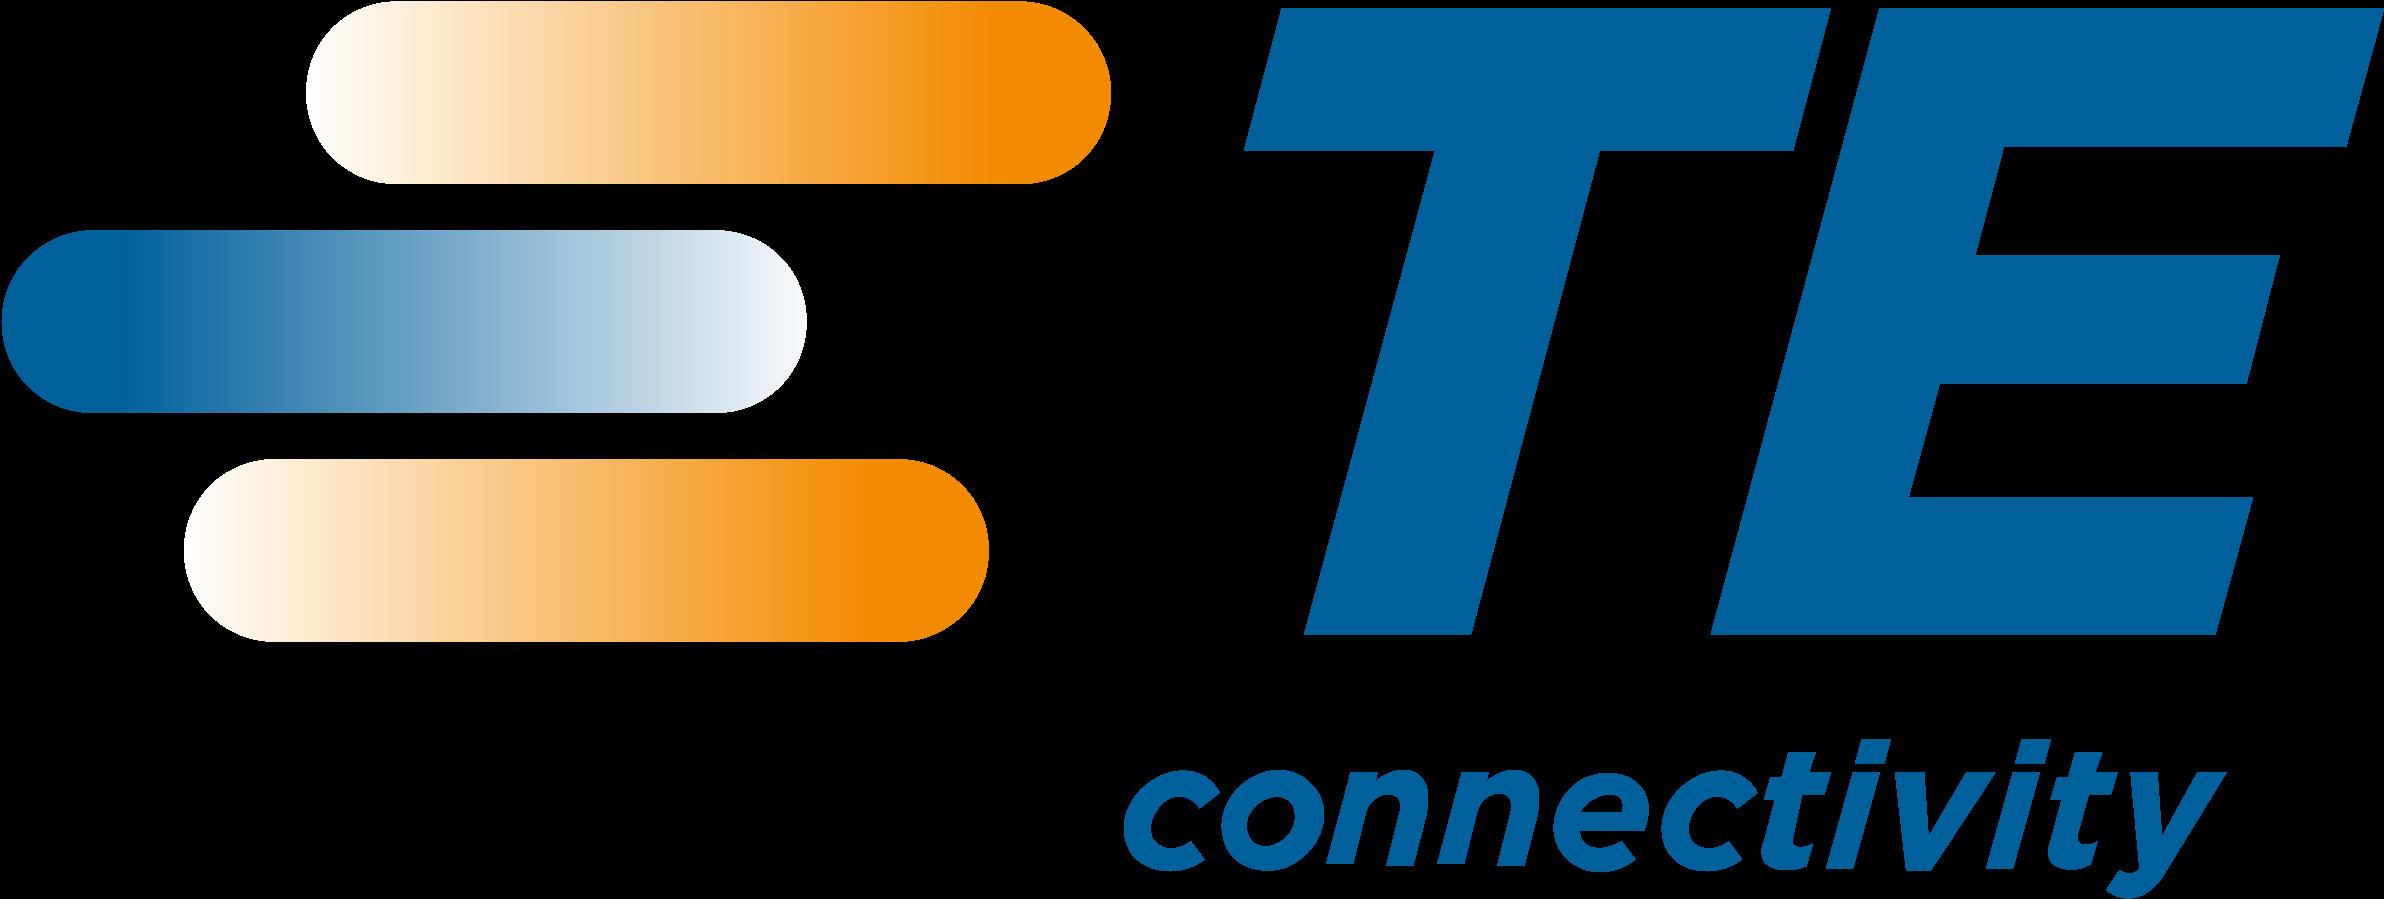 428-4288662_te-connectivity-logo-png-transparent-te-connectivity-logo